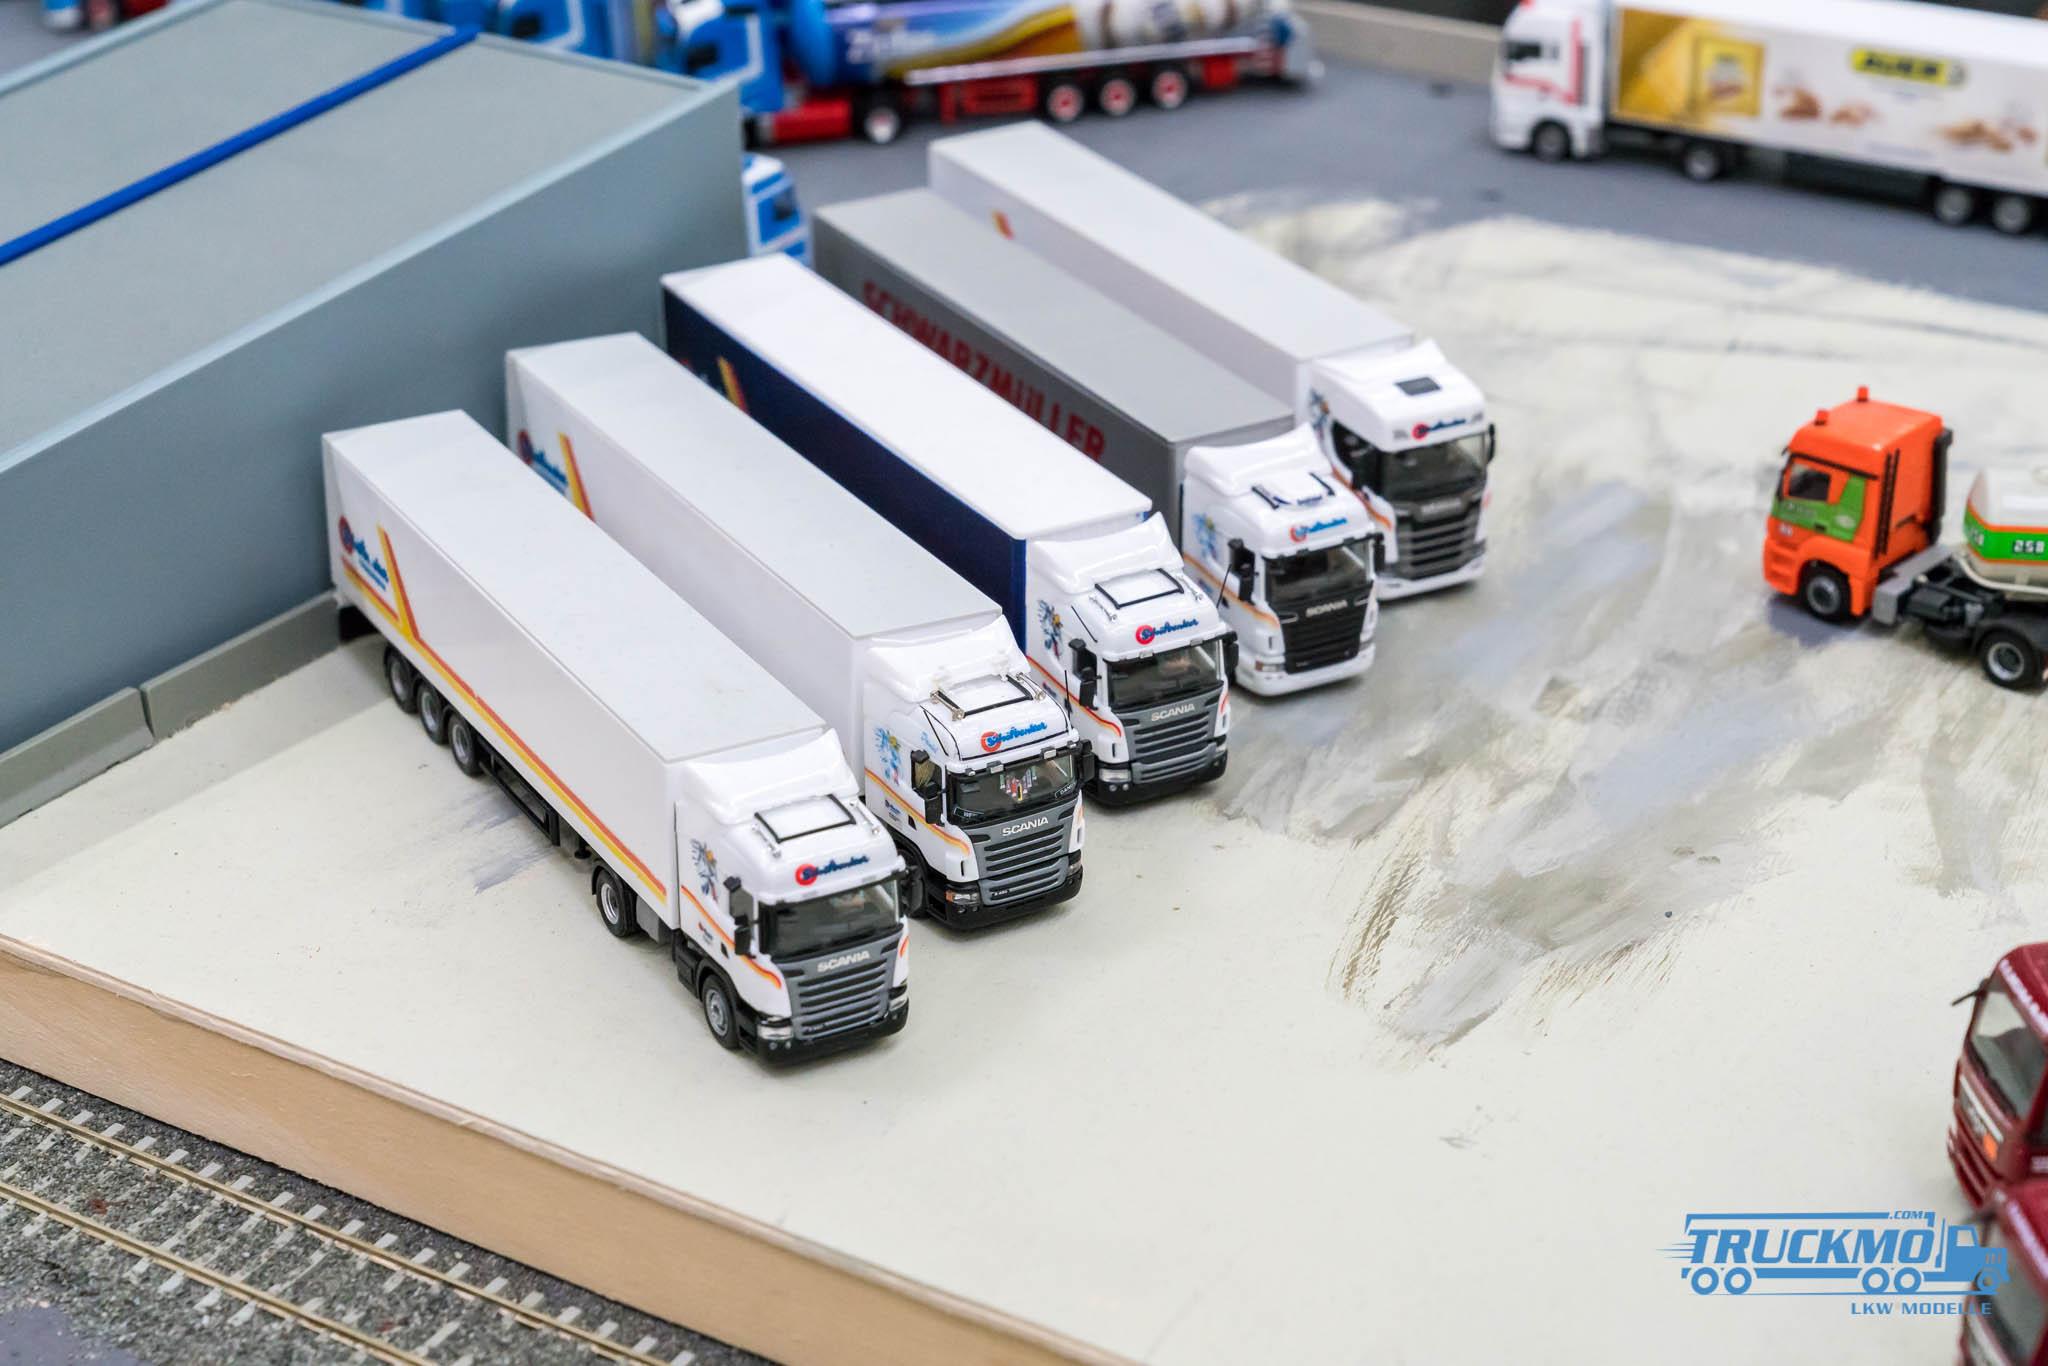 Truckmo_Modellbau_Ried_2017_Herpa_Messe_Modellbauausstellung (222 von 1177)